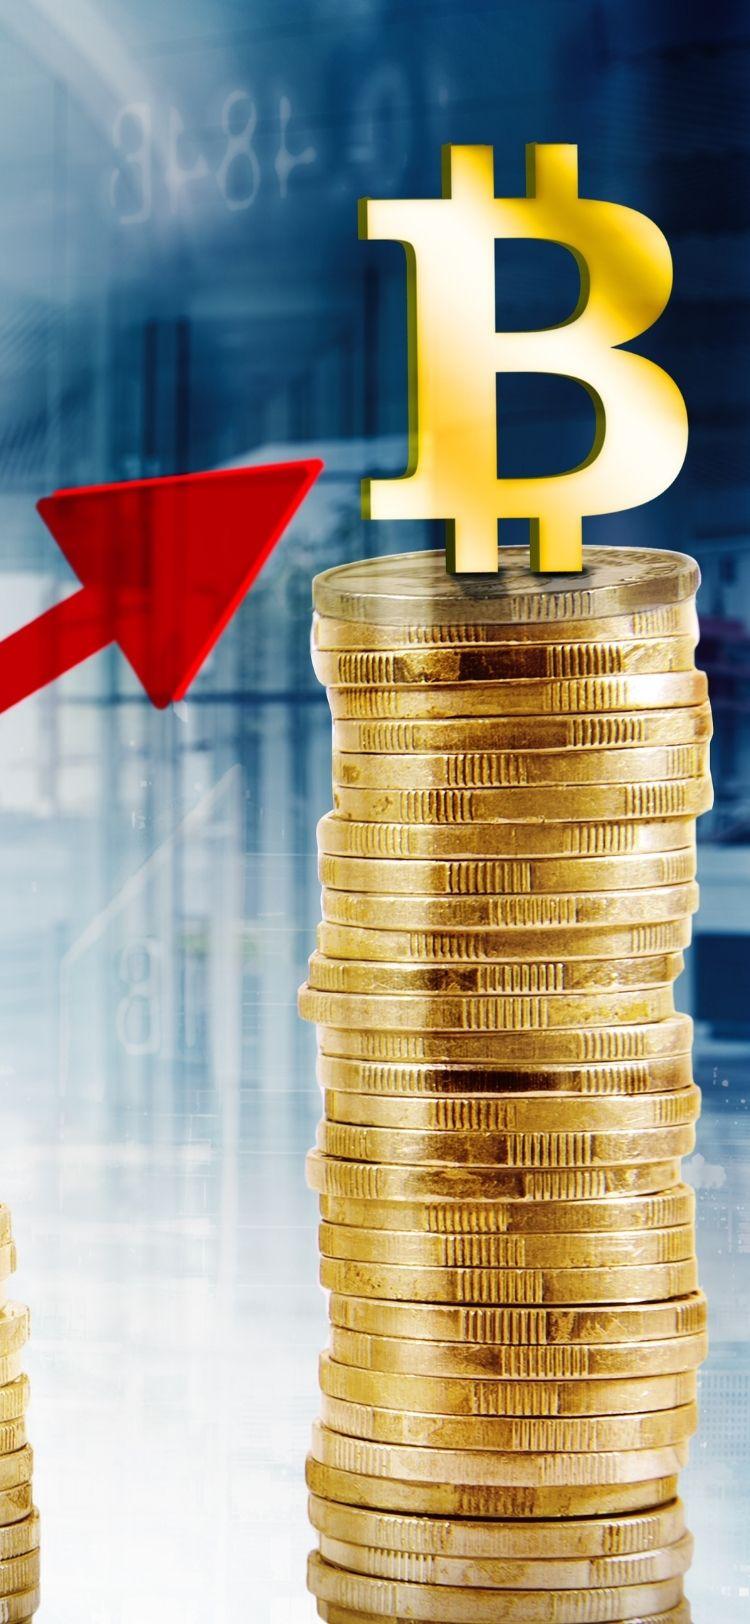 érmék egymáson bitcoin emblémával a tetején